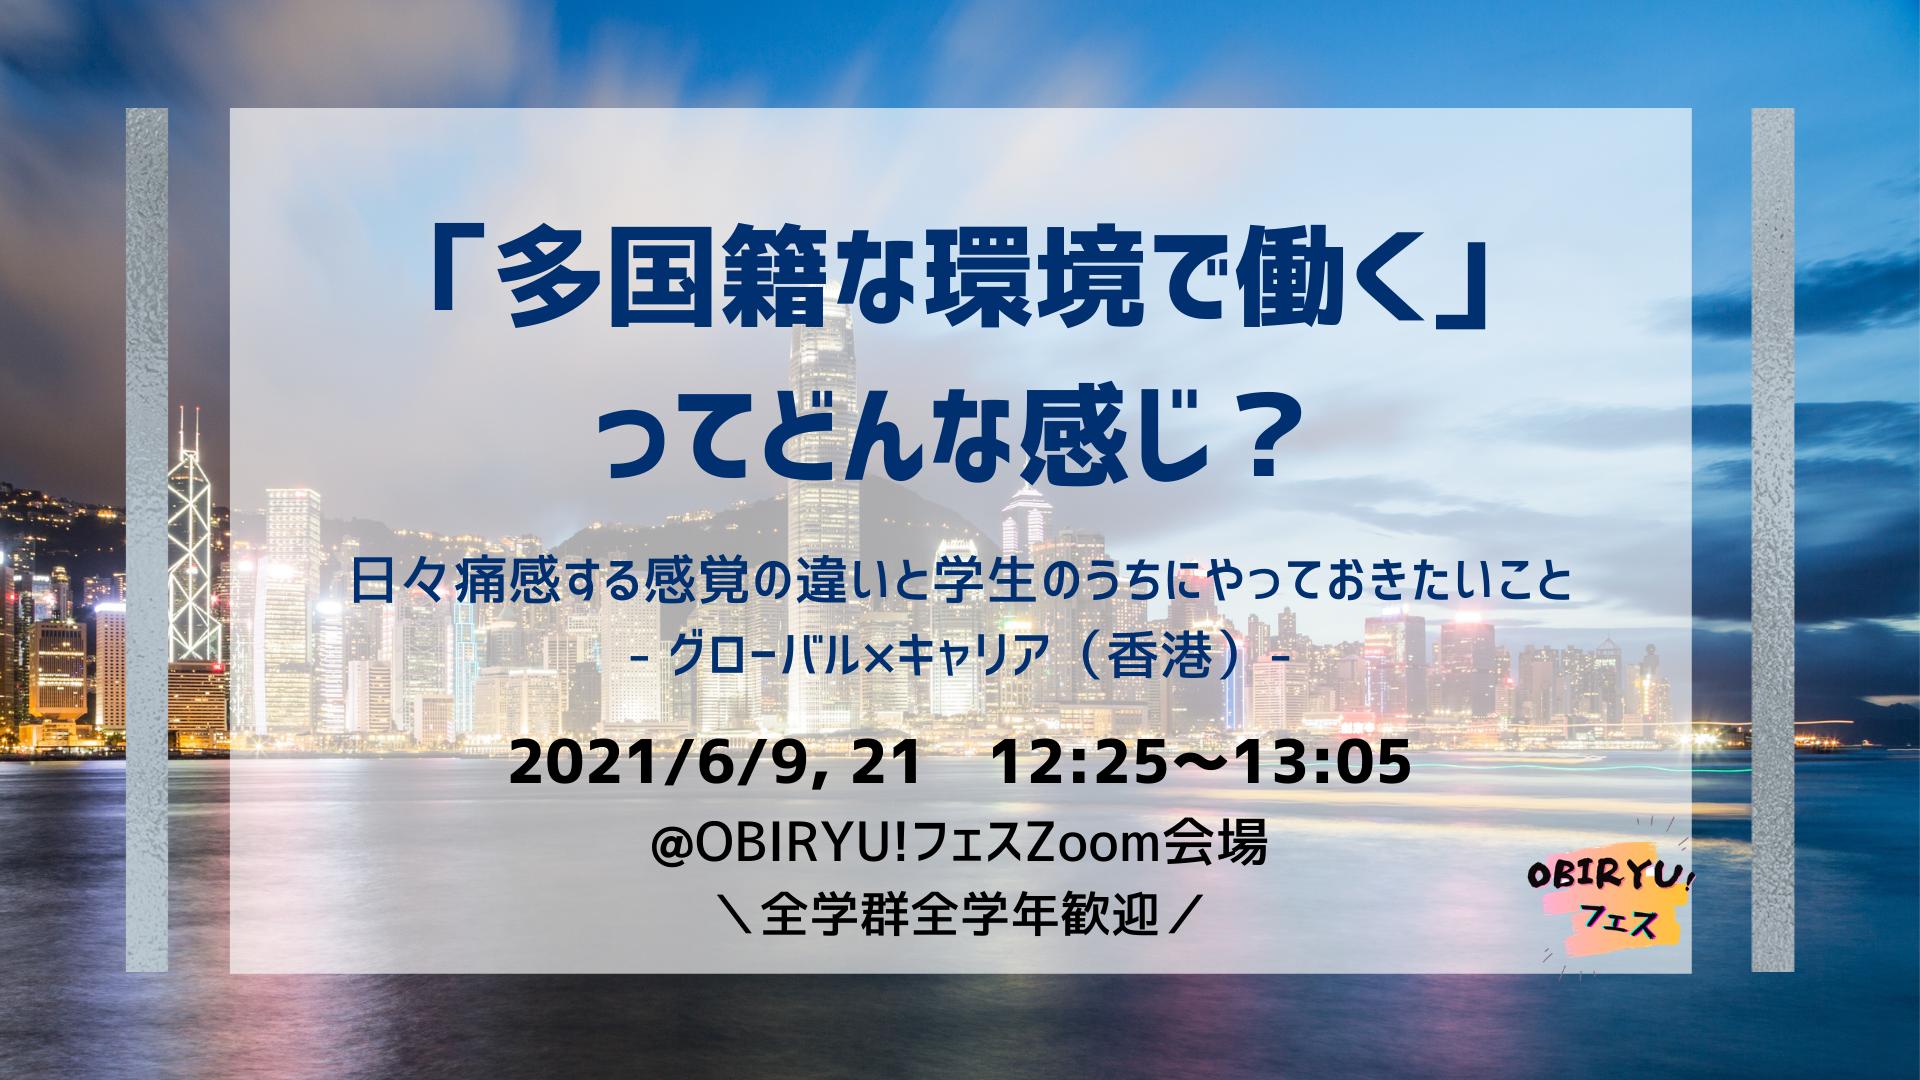 【OBIRYU!フェス】「多国籍な環境で働く」ってどんな感じ?日々痛感する感覚の違いと学生のうちにやっておきたいこと/グローバル×キャリア(香港)